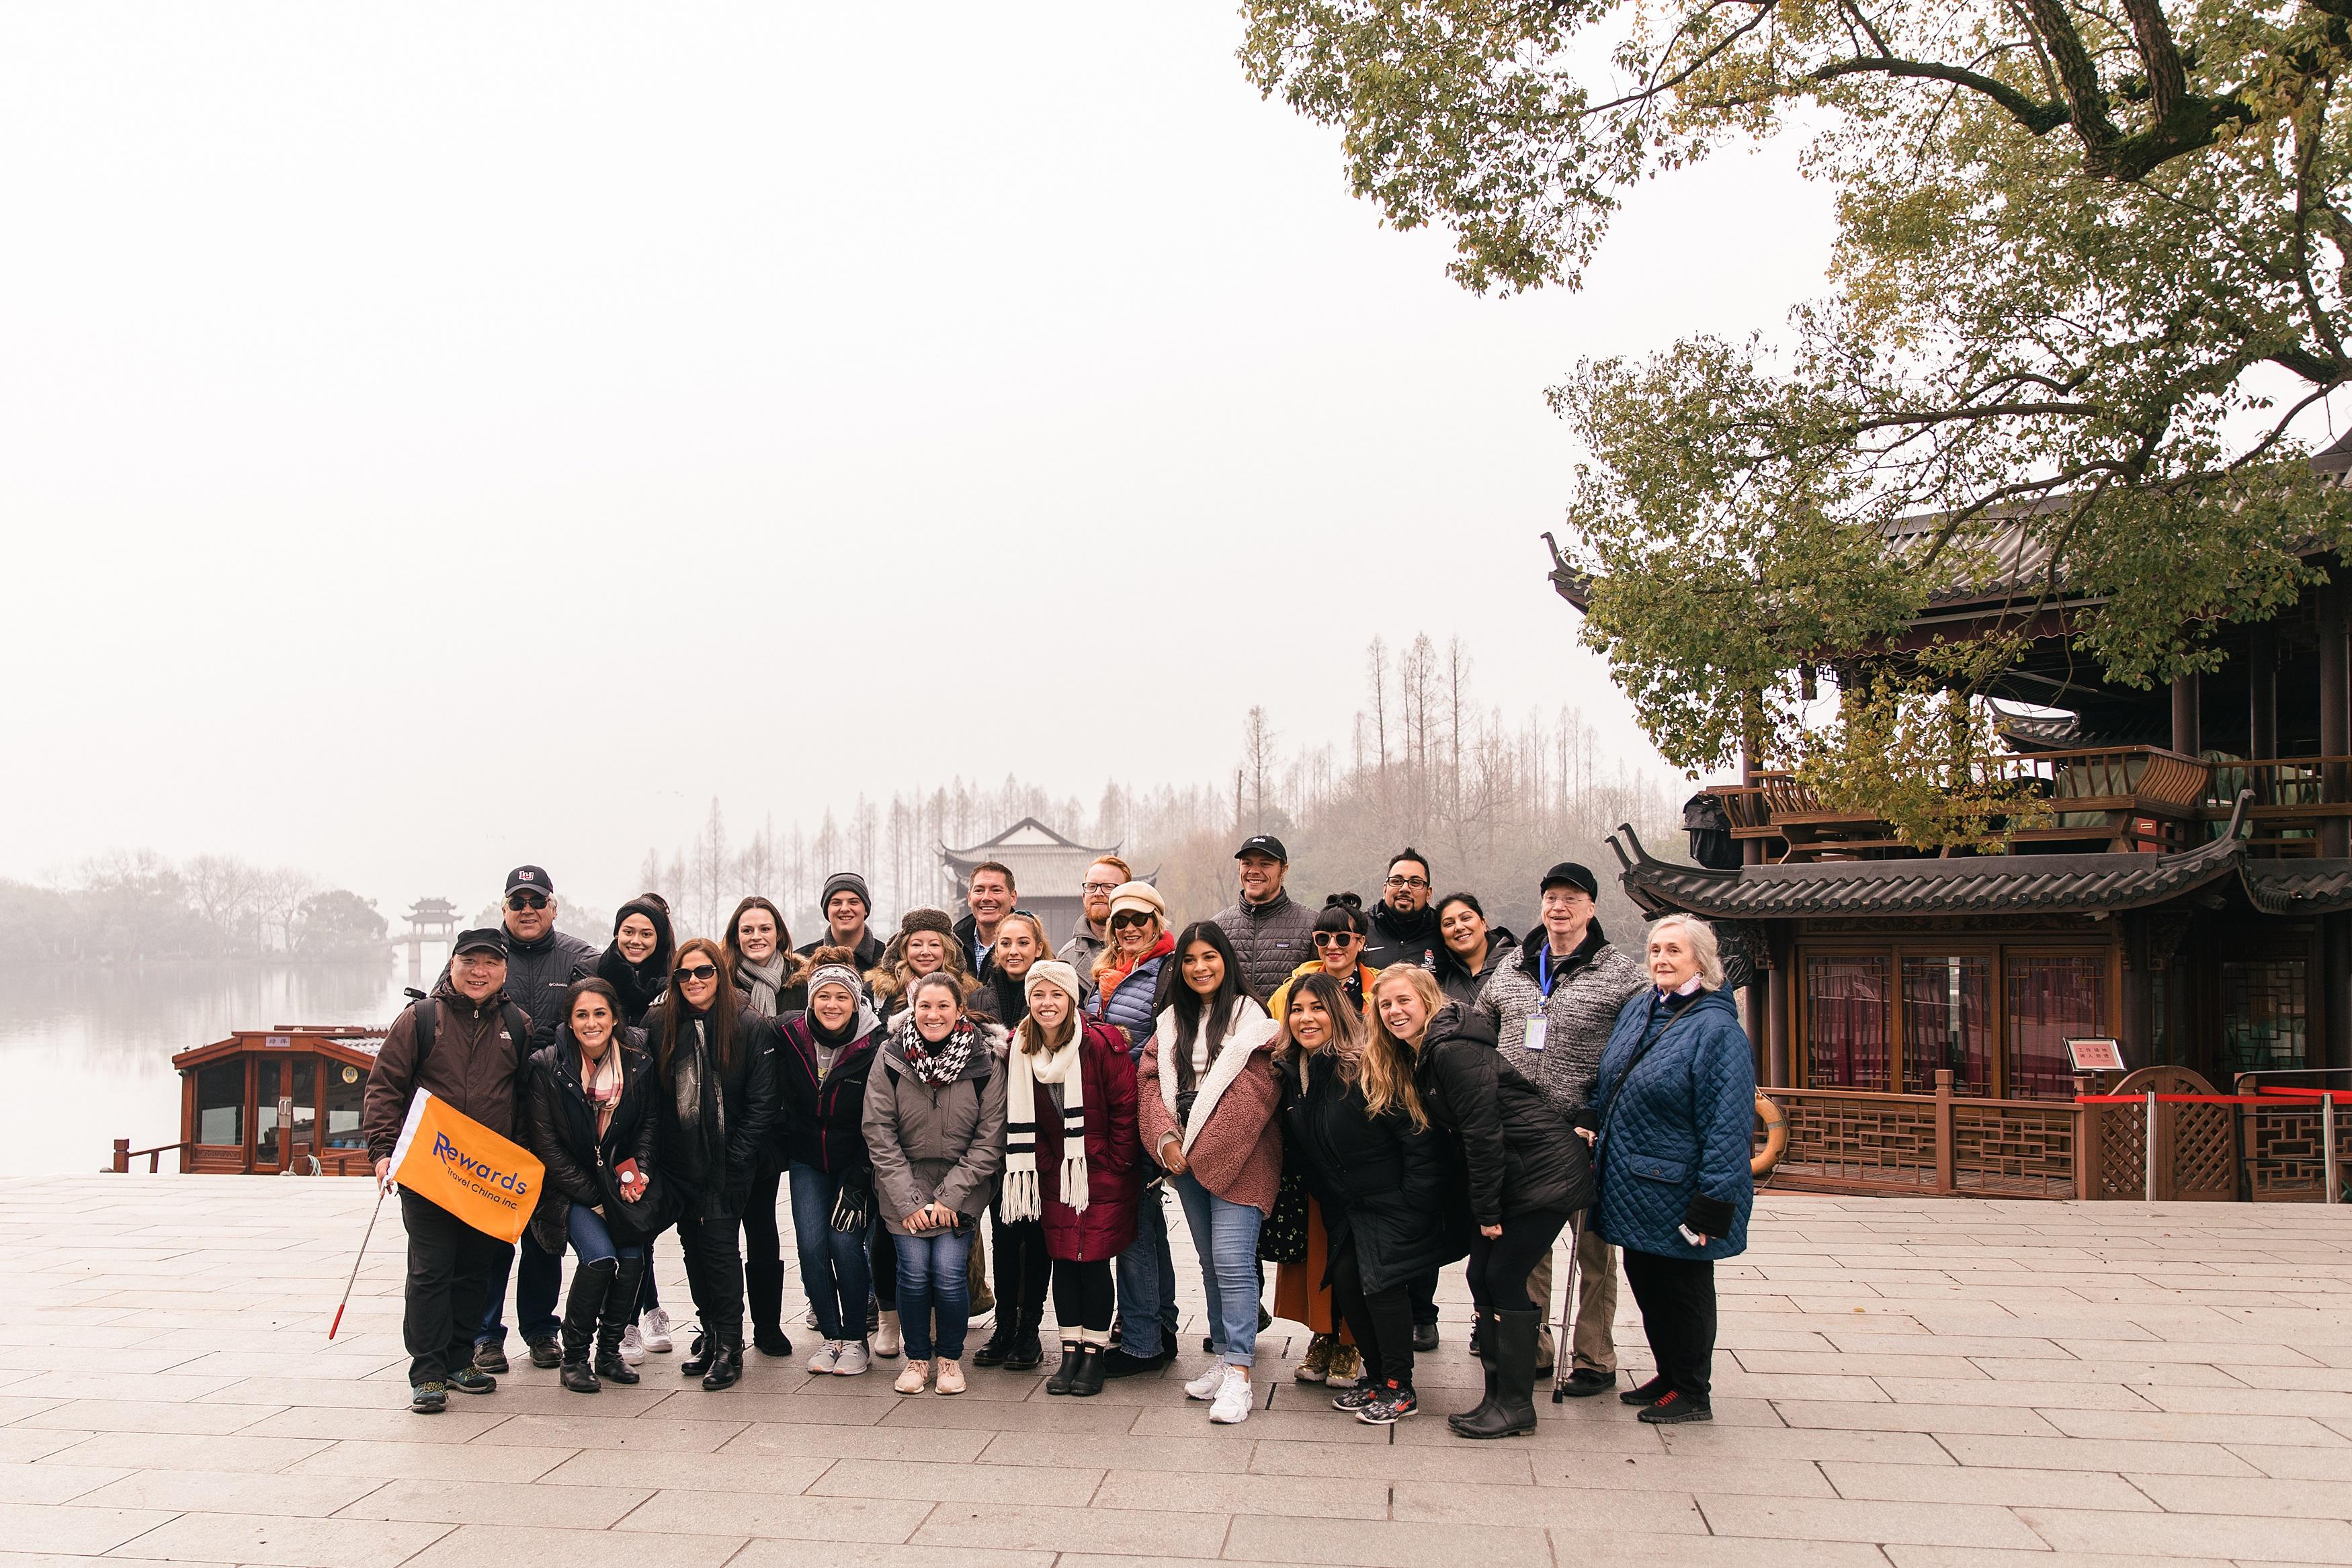 Rewards Travel China group photo